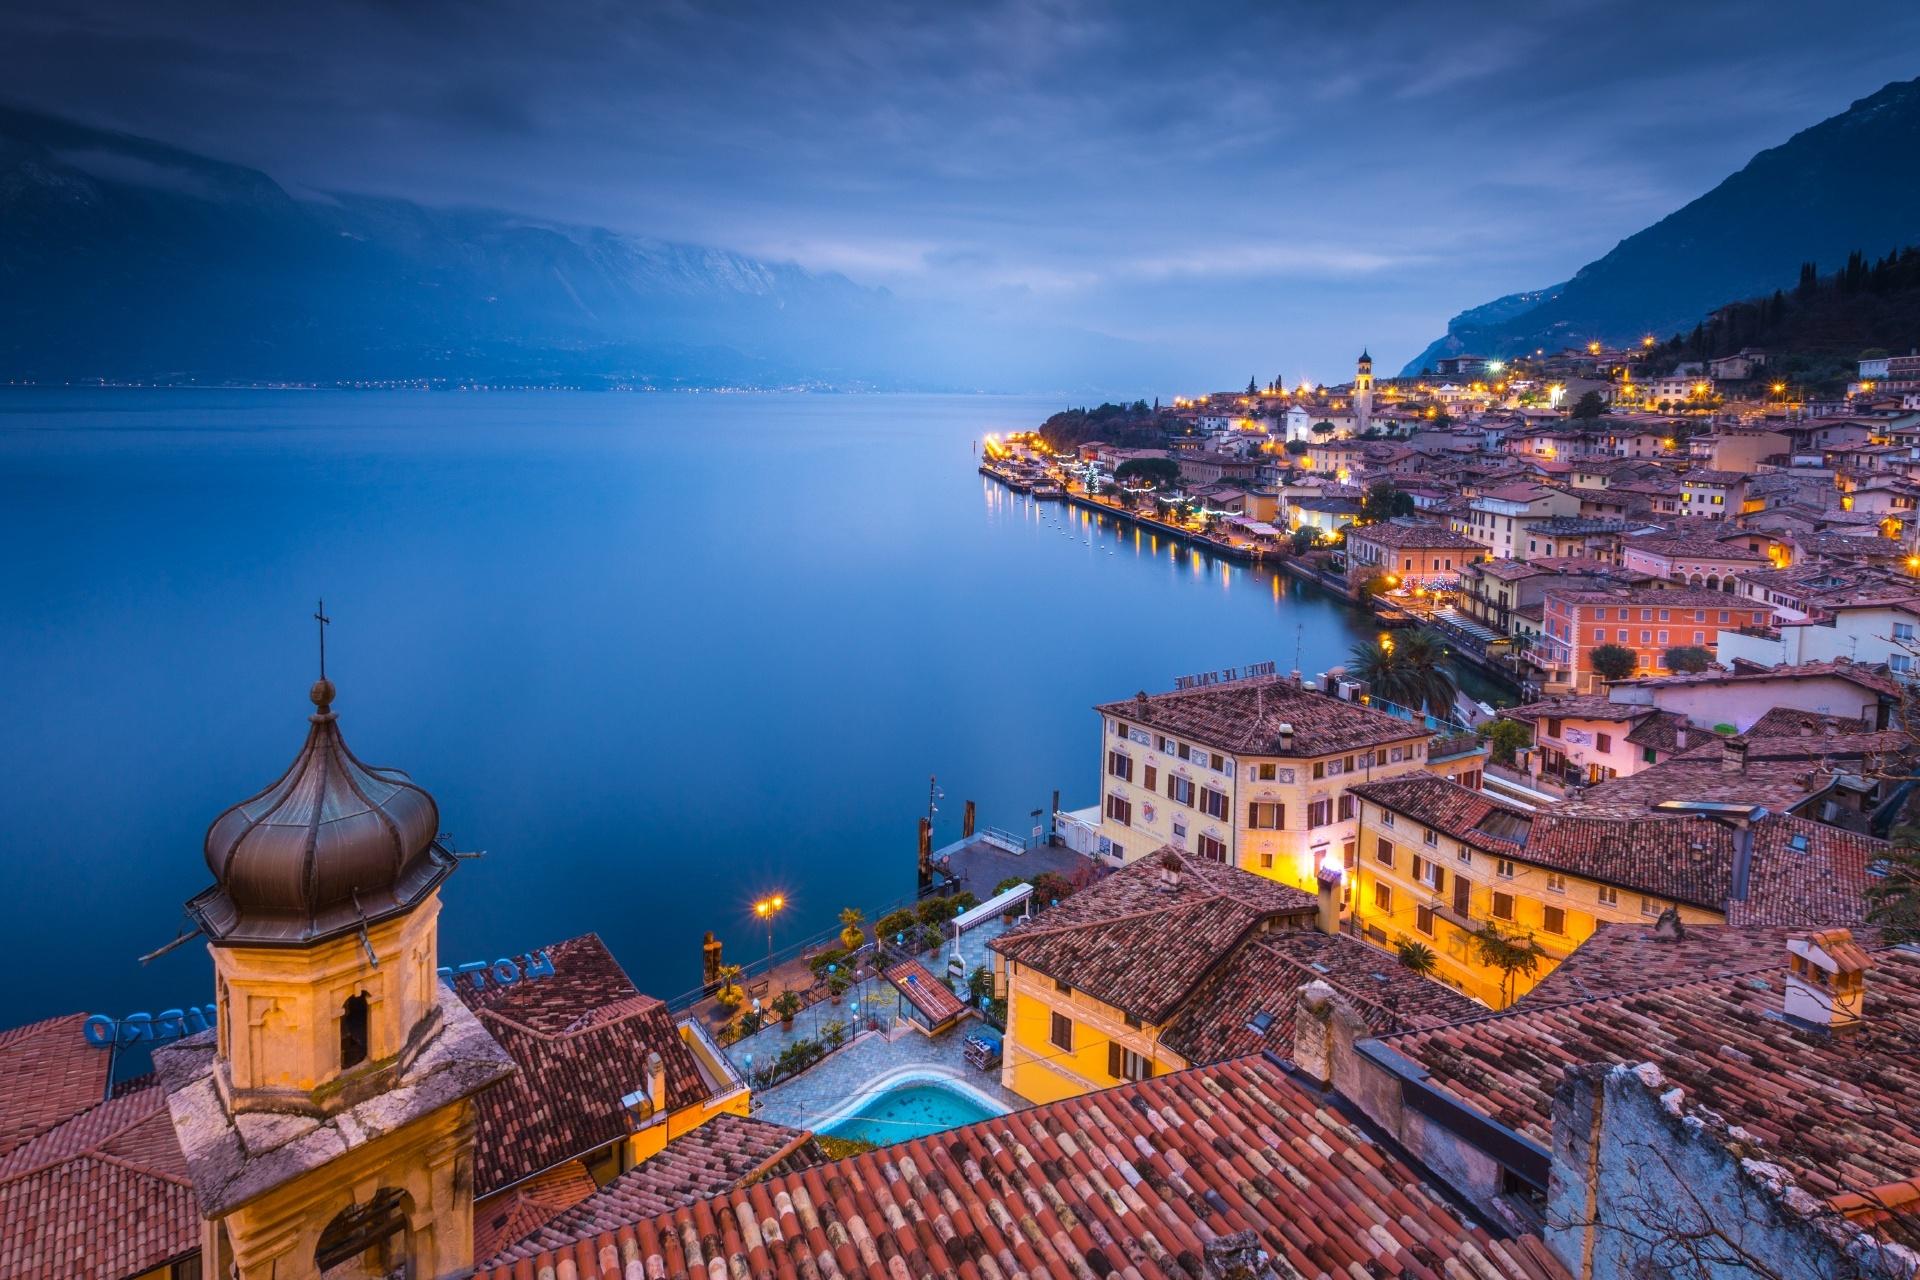 リモーネ・スル・ガルダの町並みとガルダ湖 イタリアの風景